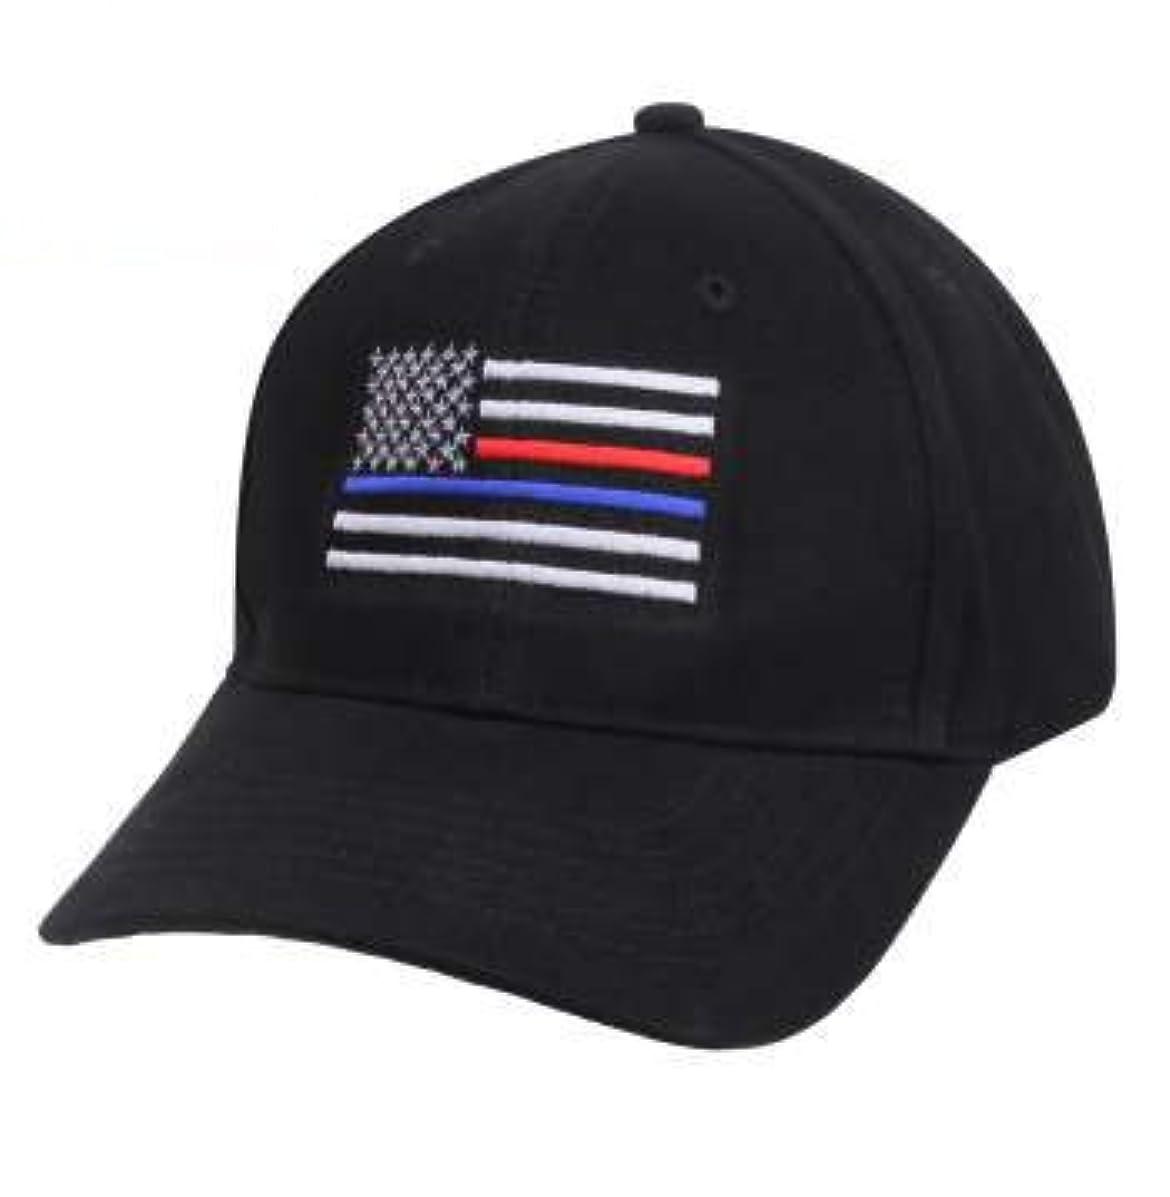 曖昧な鳴らす厄介なROTHCO / ロスコ 8754 Thin Blue Line & Red Line Low Profile Flag Cap 帽子/キャップ